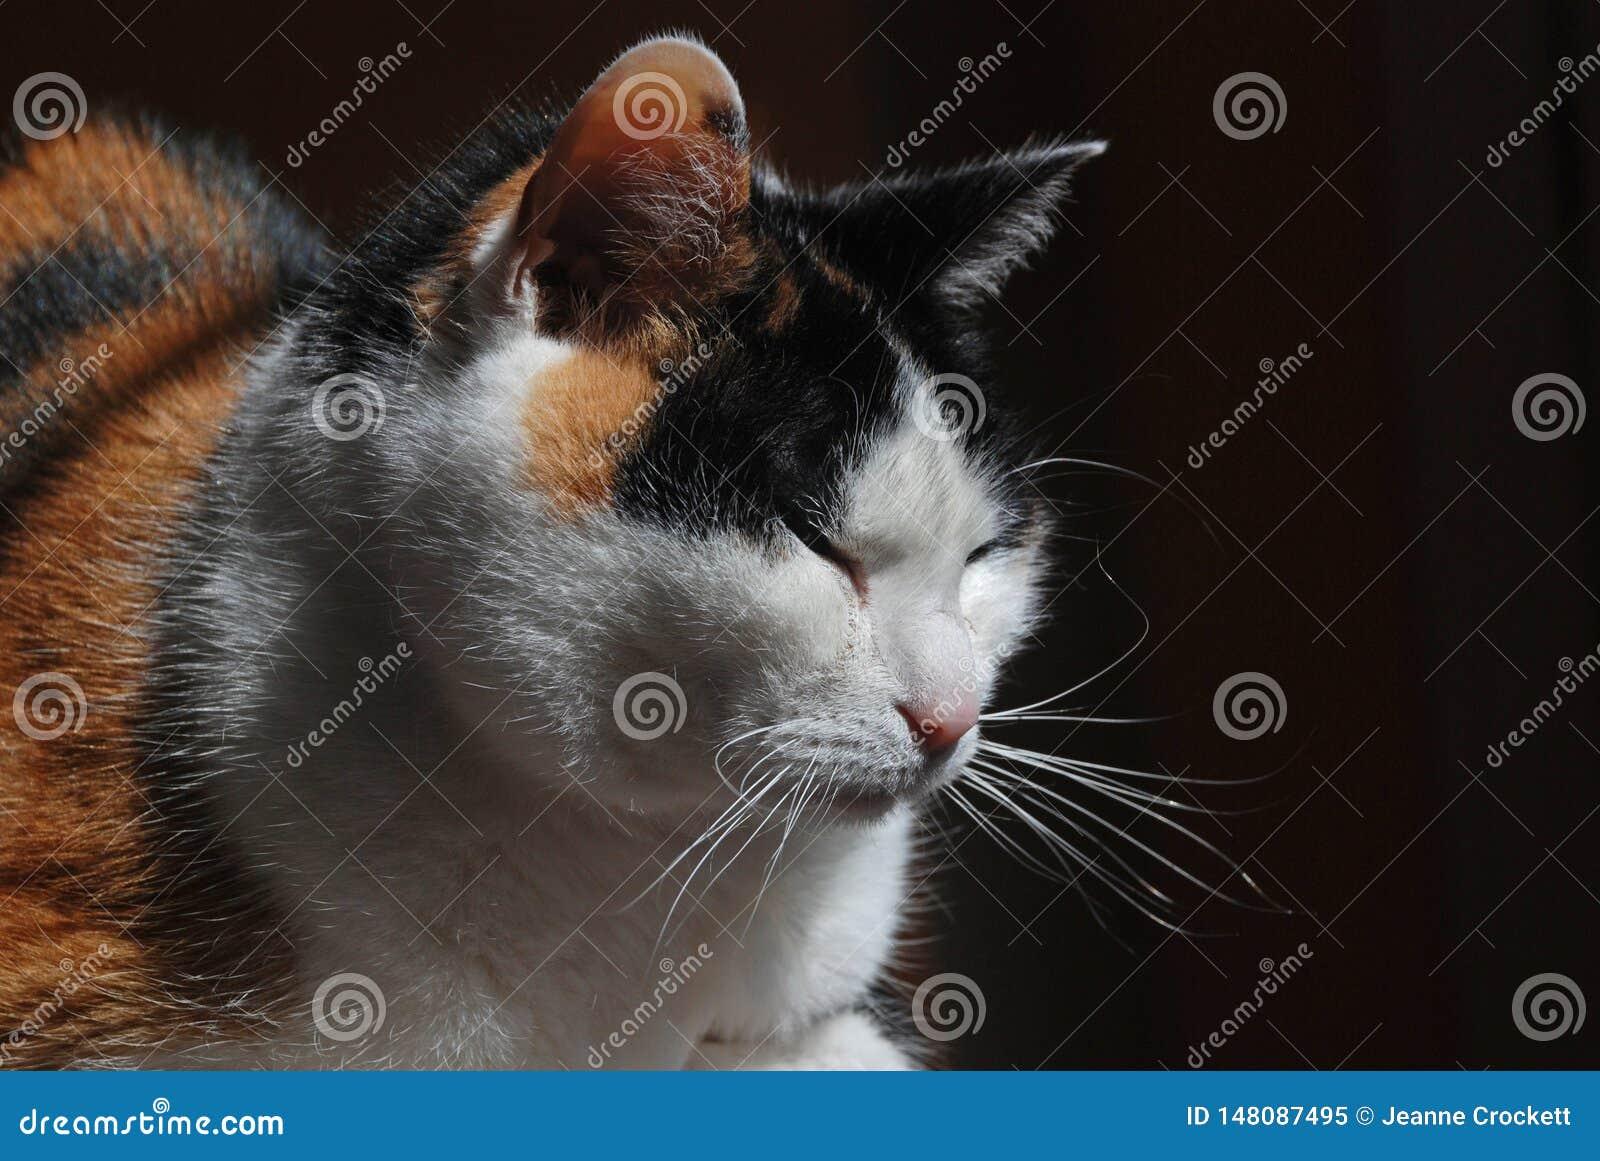 Кот ситца греется в солнечном свете